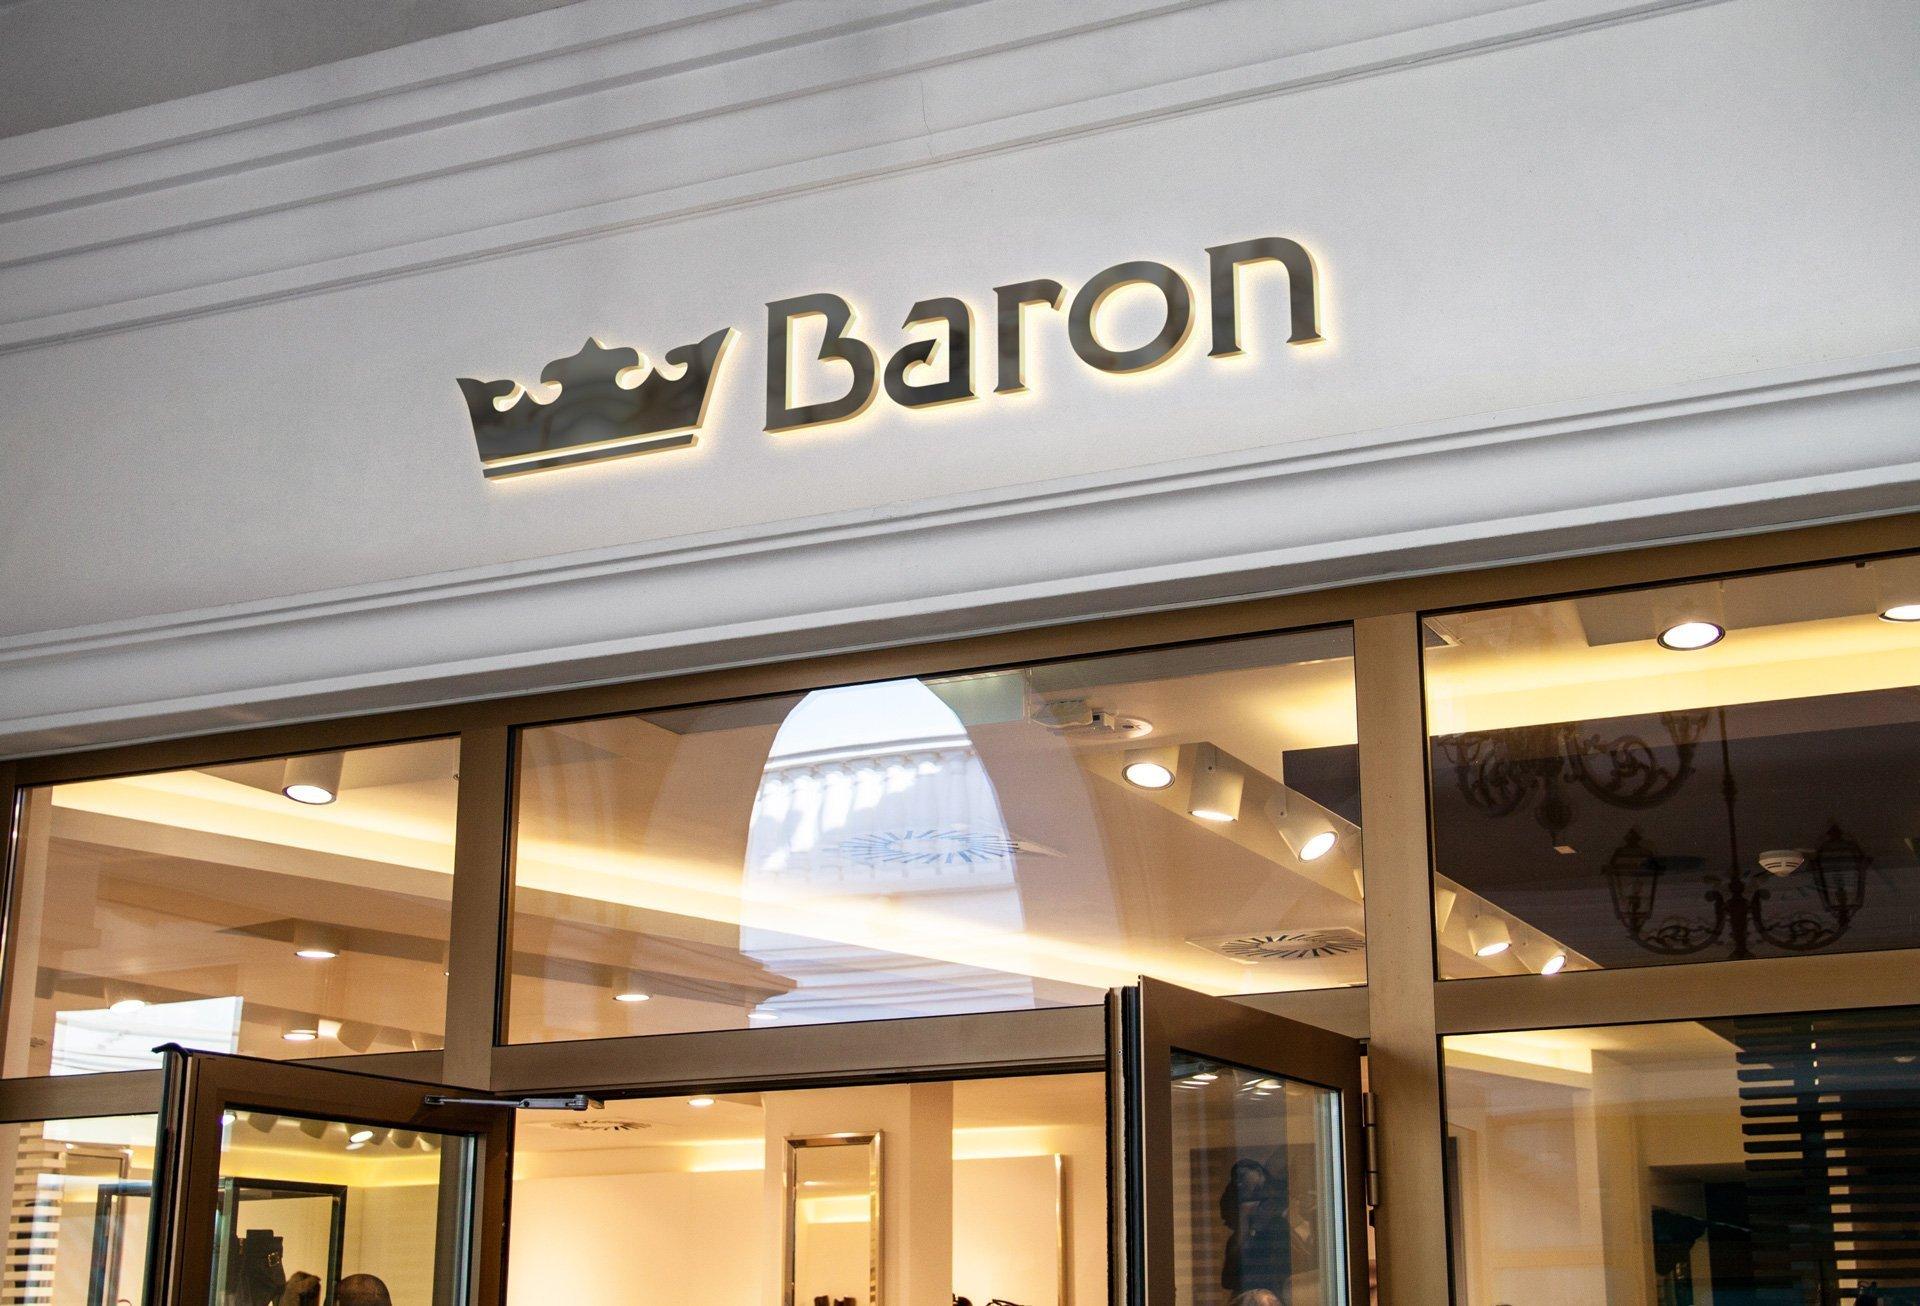 Wizualizacja szyldu podświetlanego firmy Baron (by BBIG.PL)